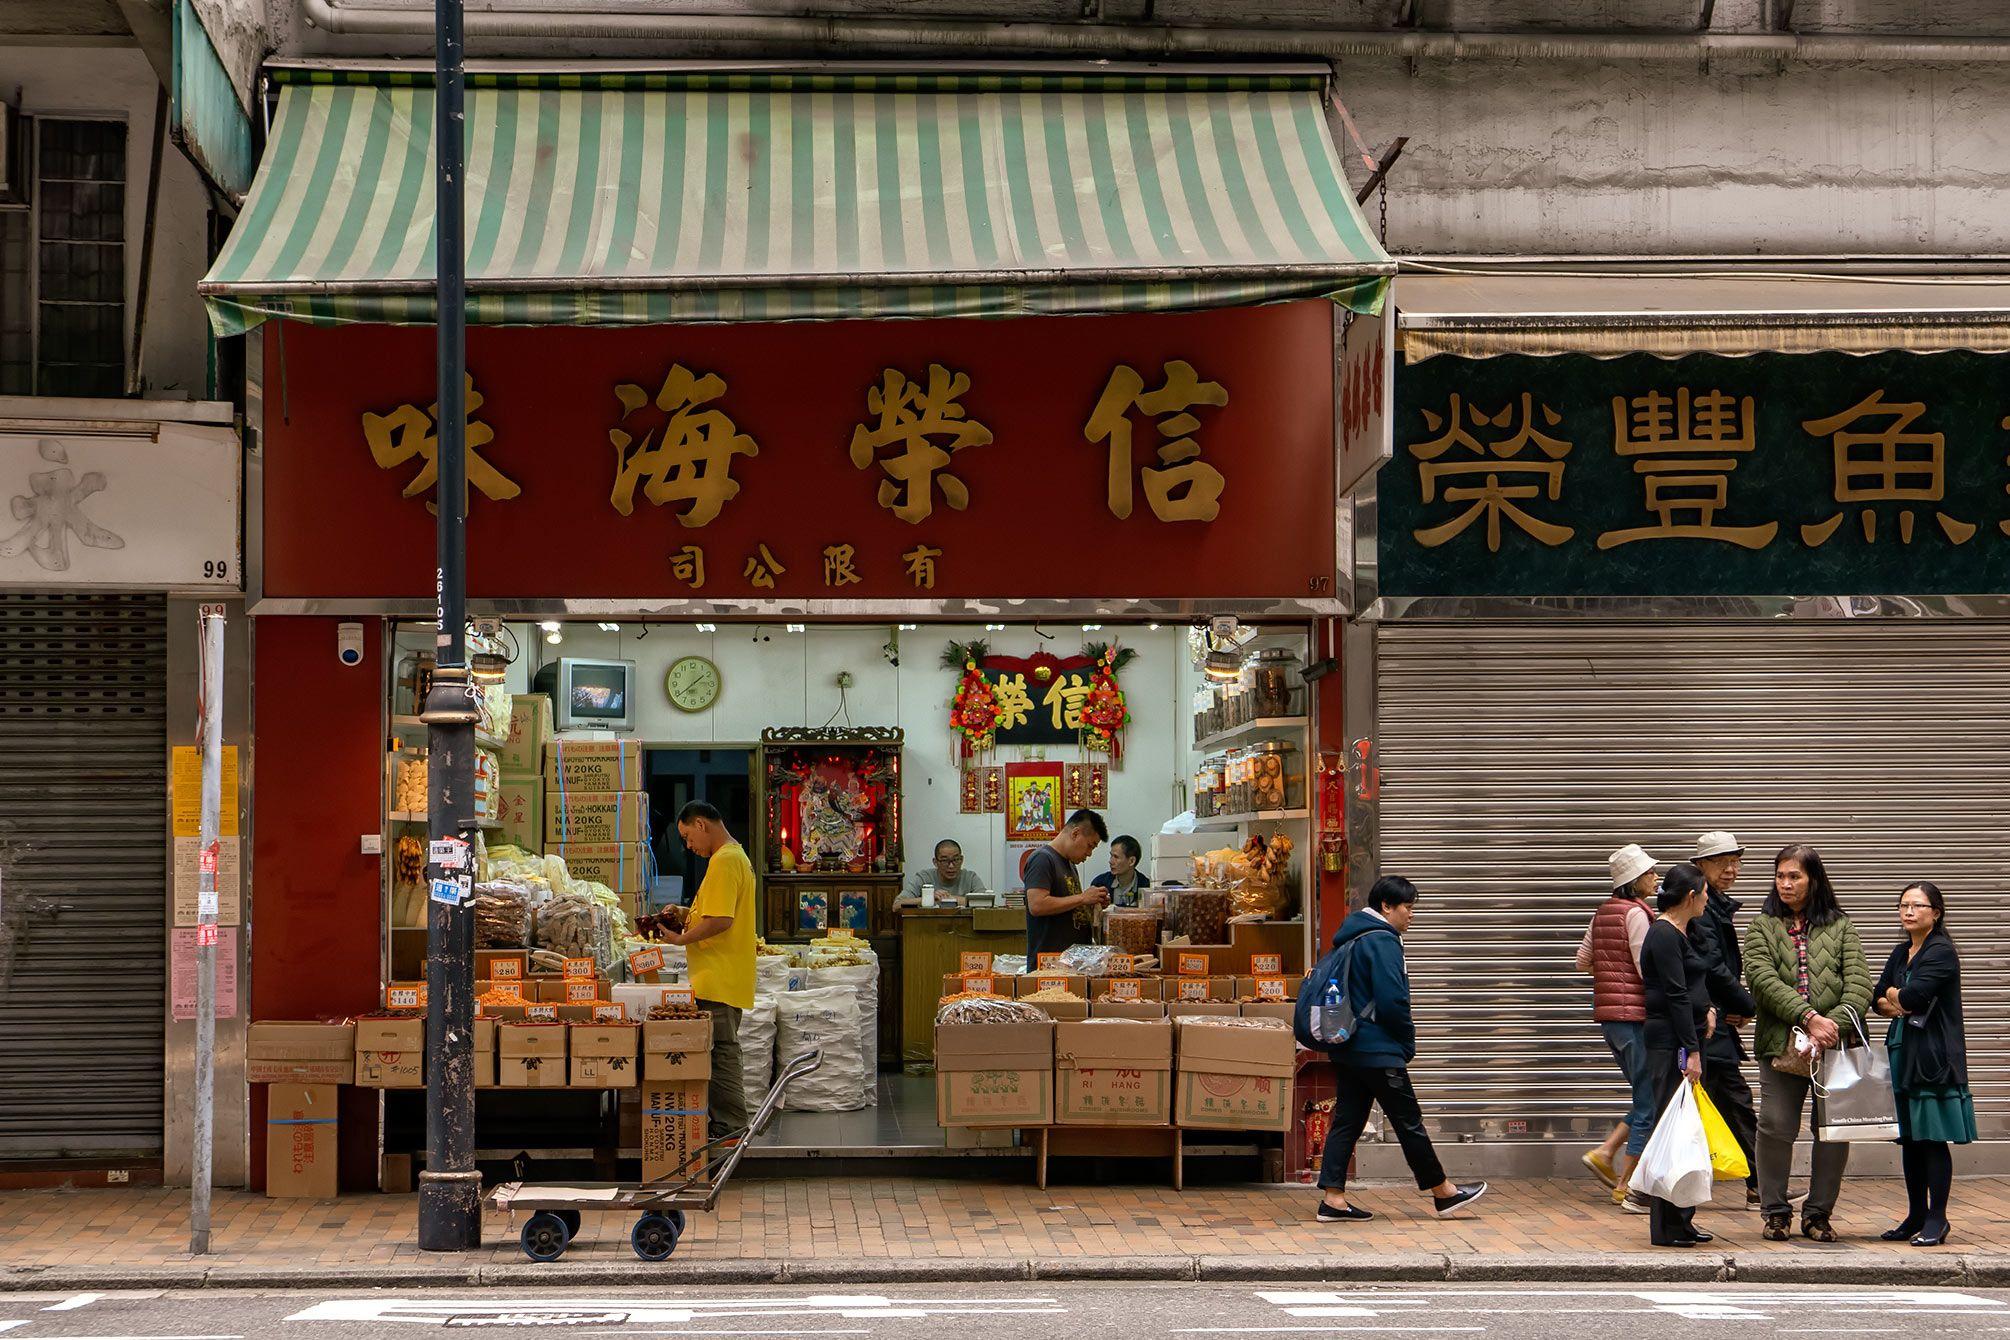 market scene in Queen Street